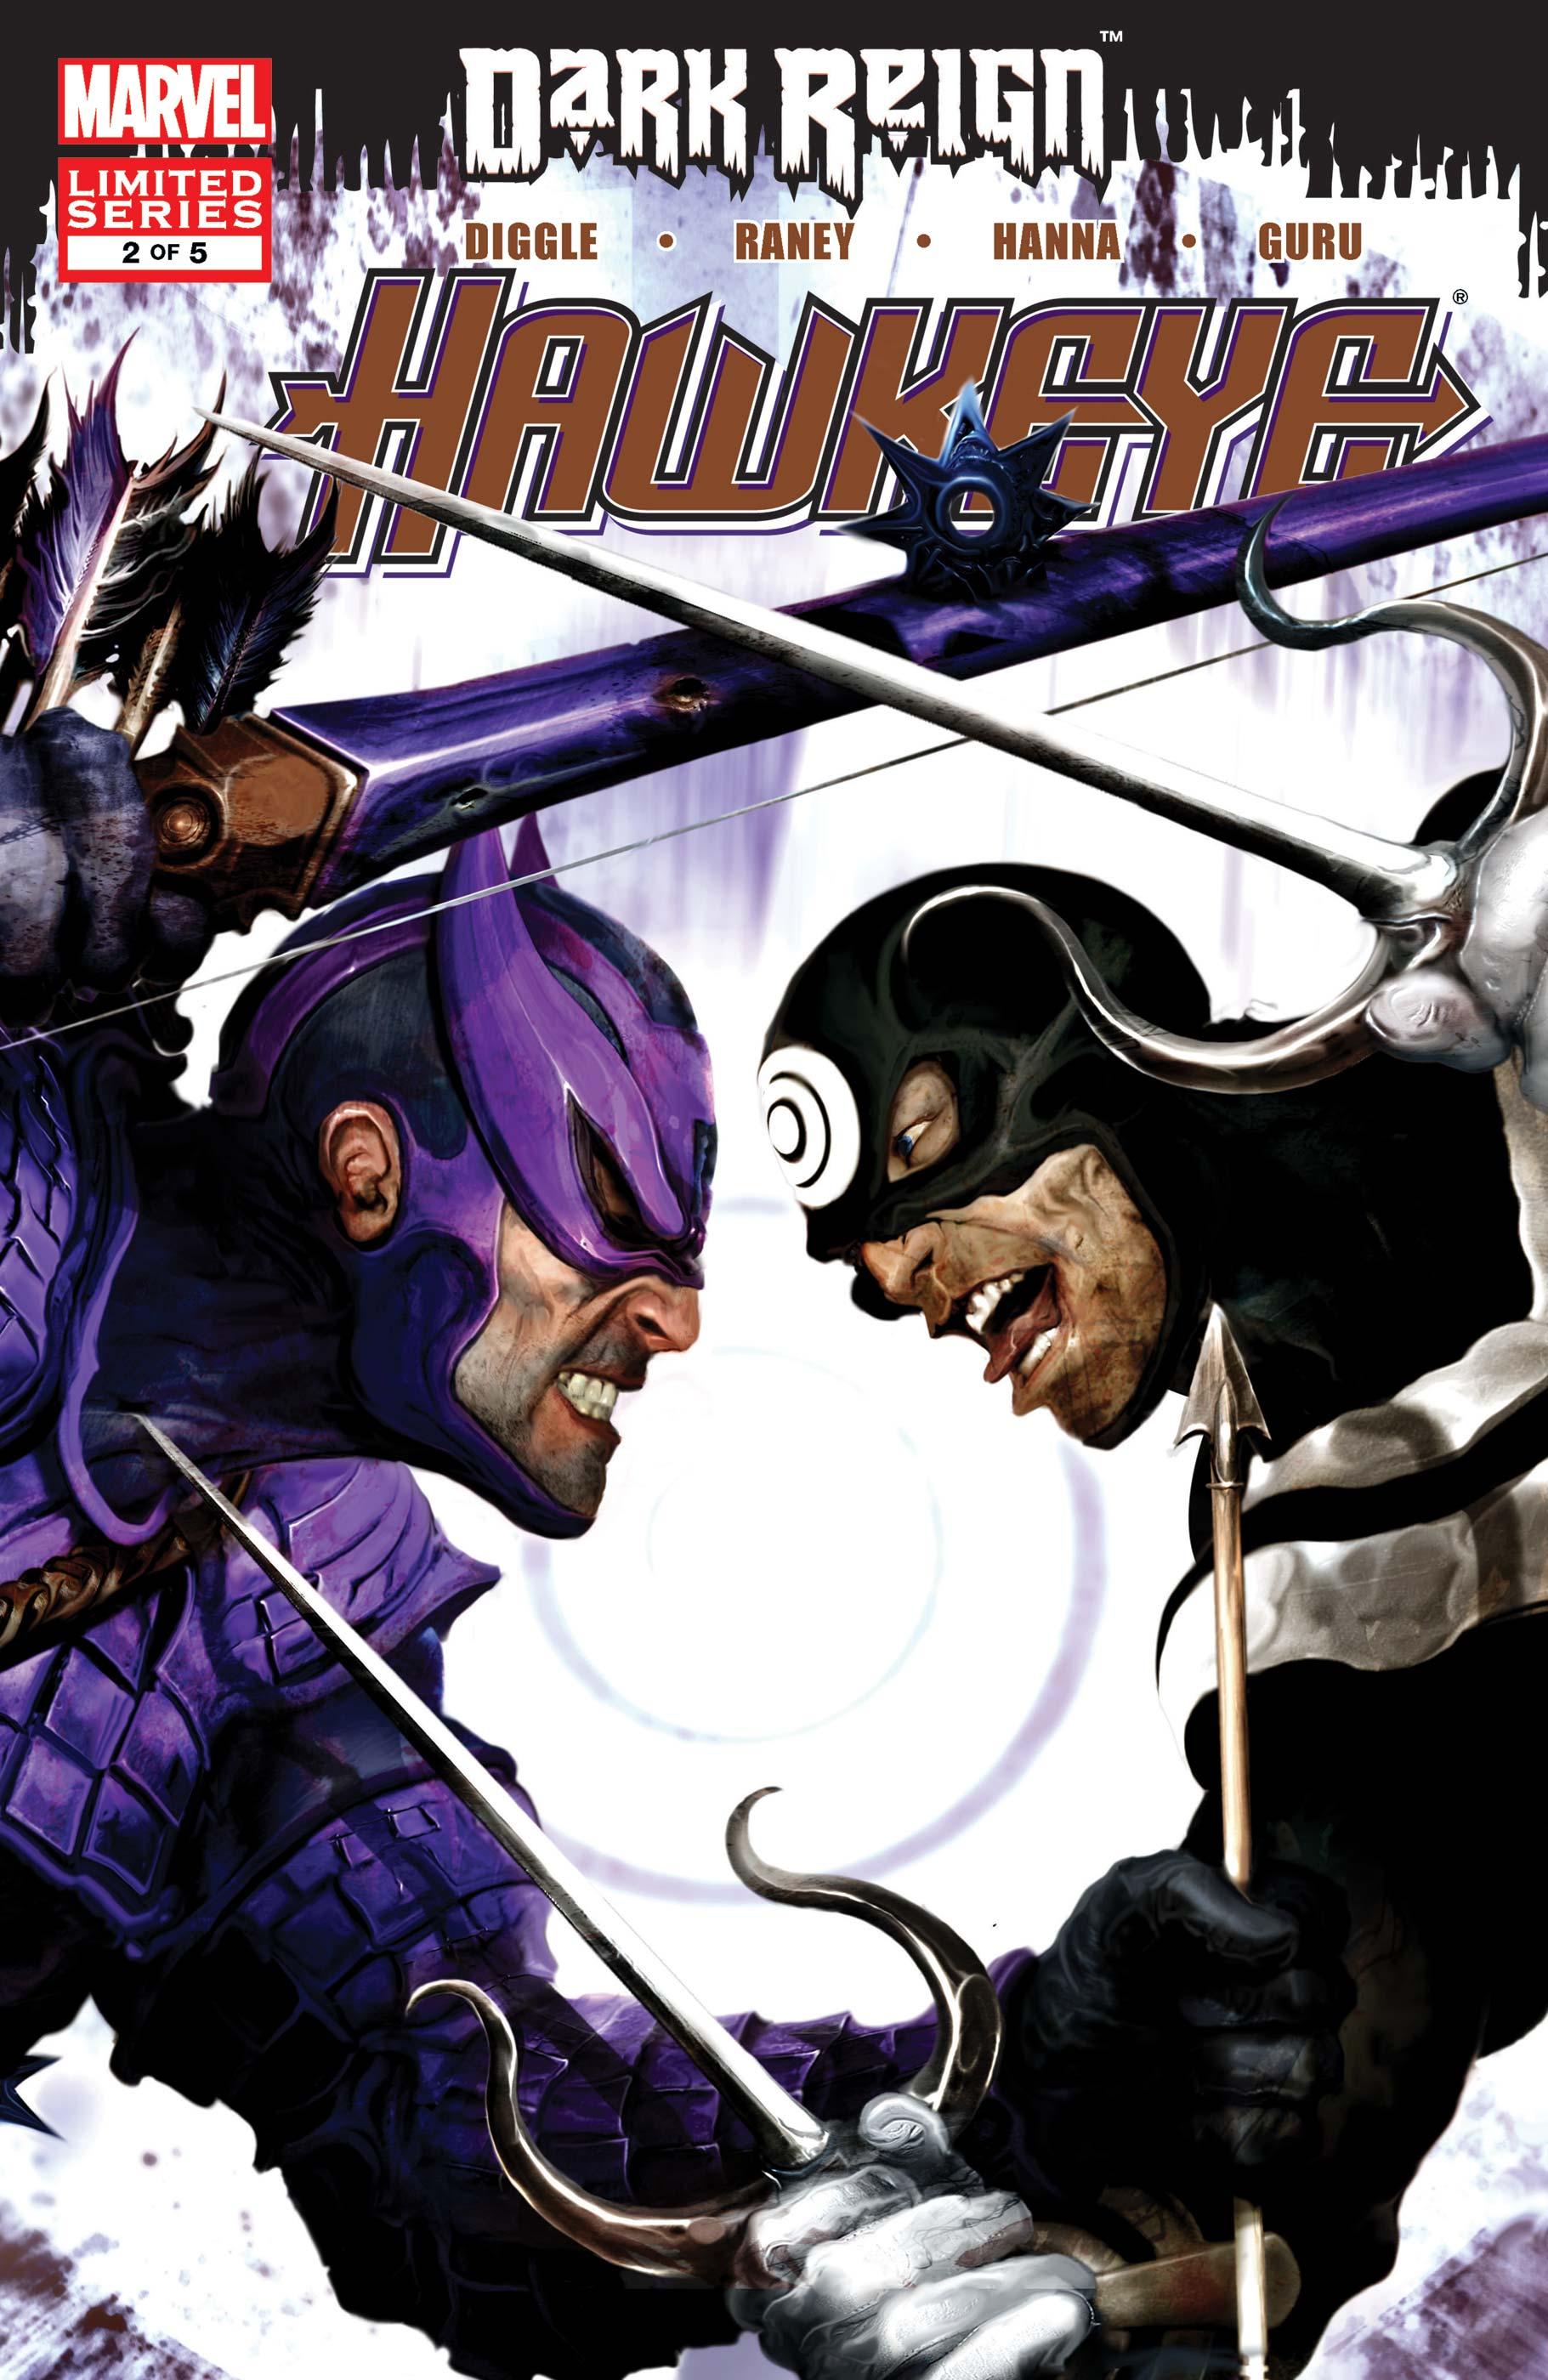 Dark Reign: Hawkeye (2009) #2